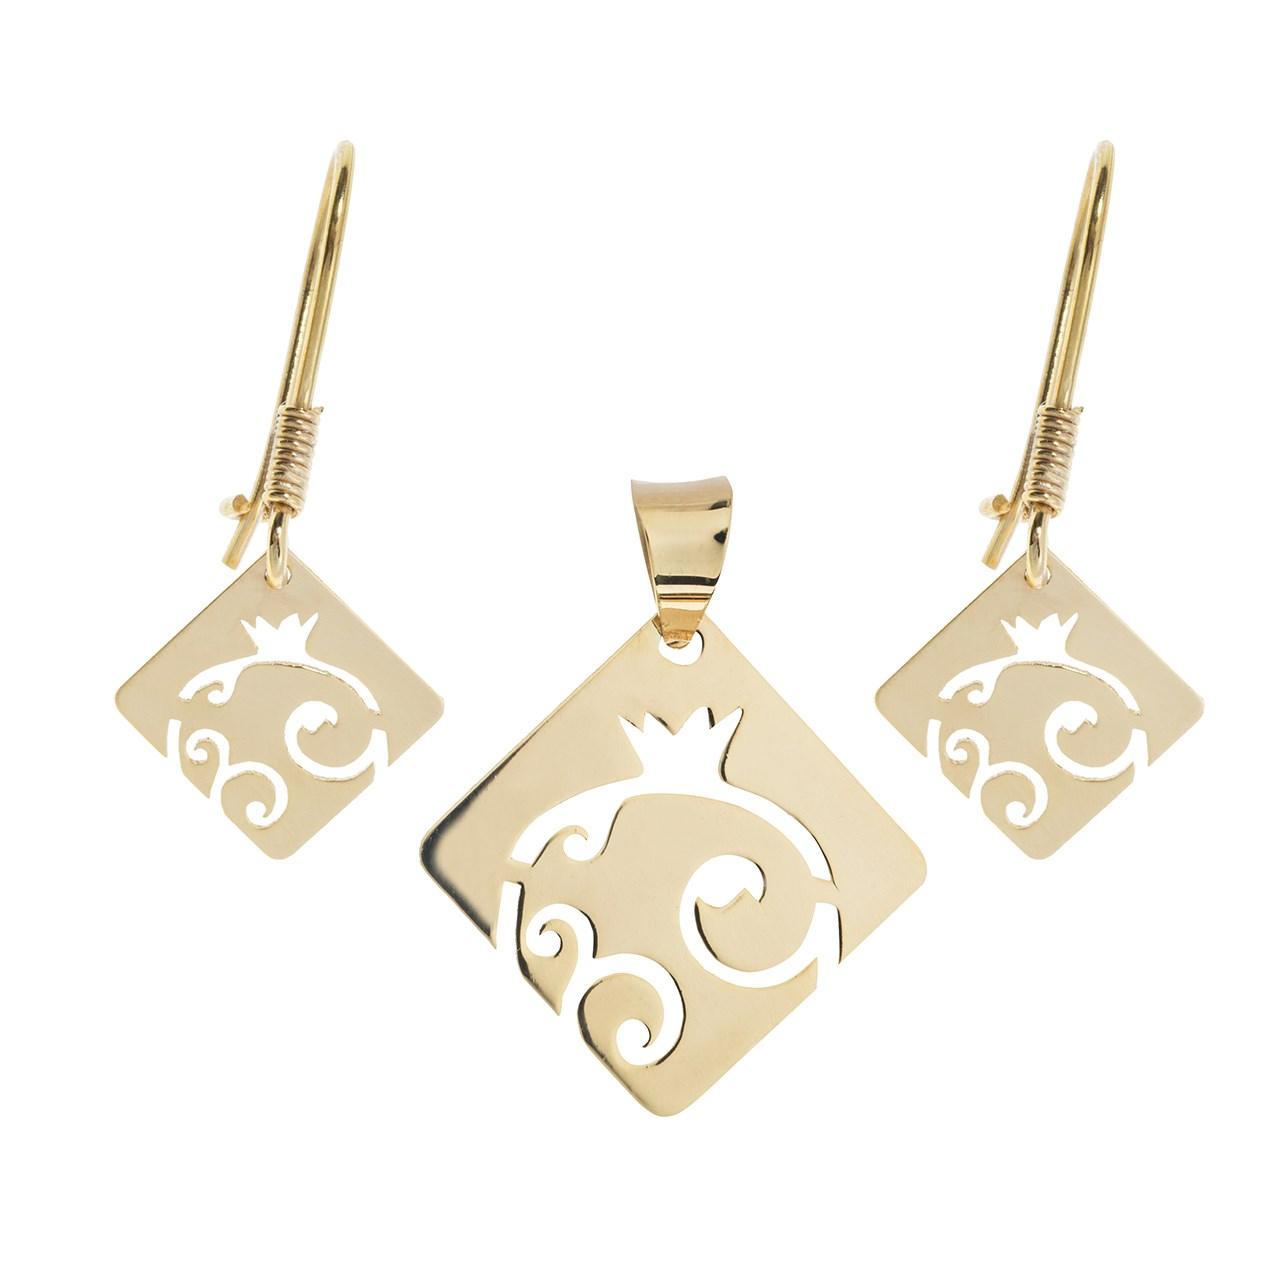 قیمت نیم ست طلا 18 عیار ماهک مدل MS0058 - مایا ماهک